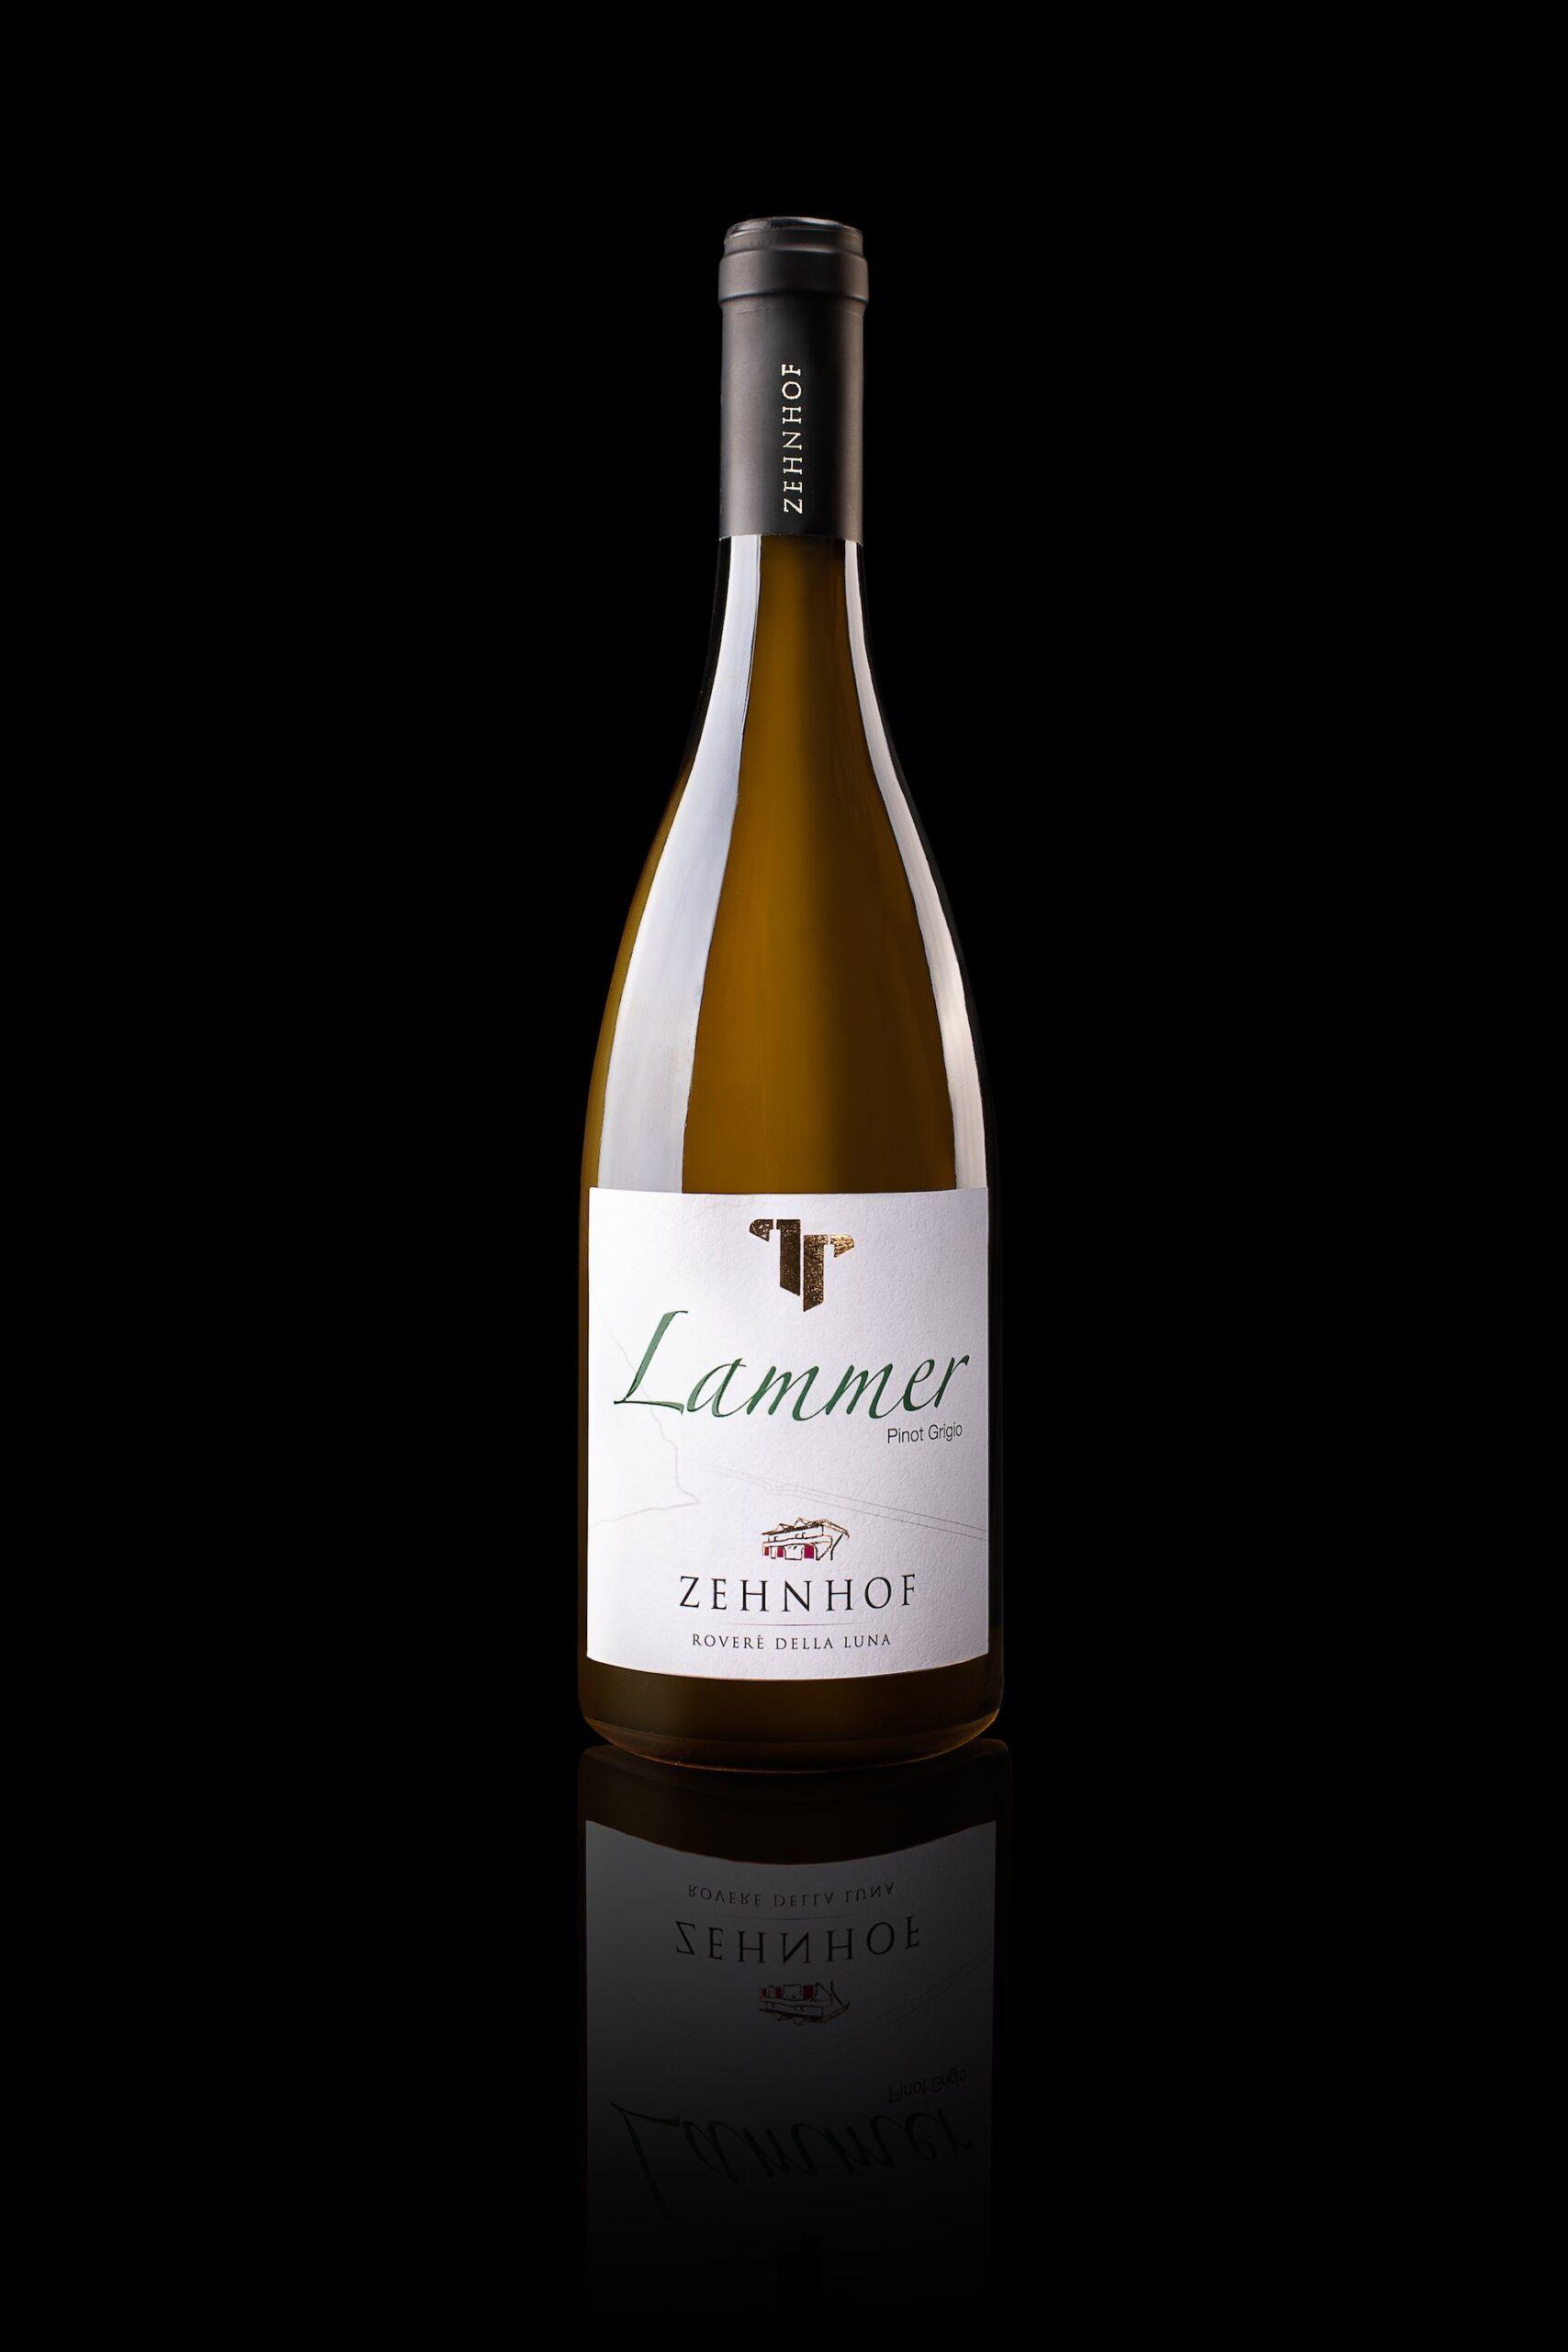 Bottiglia Lammer Zehnhof vini